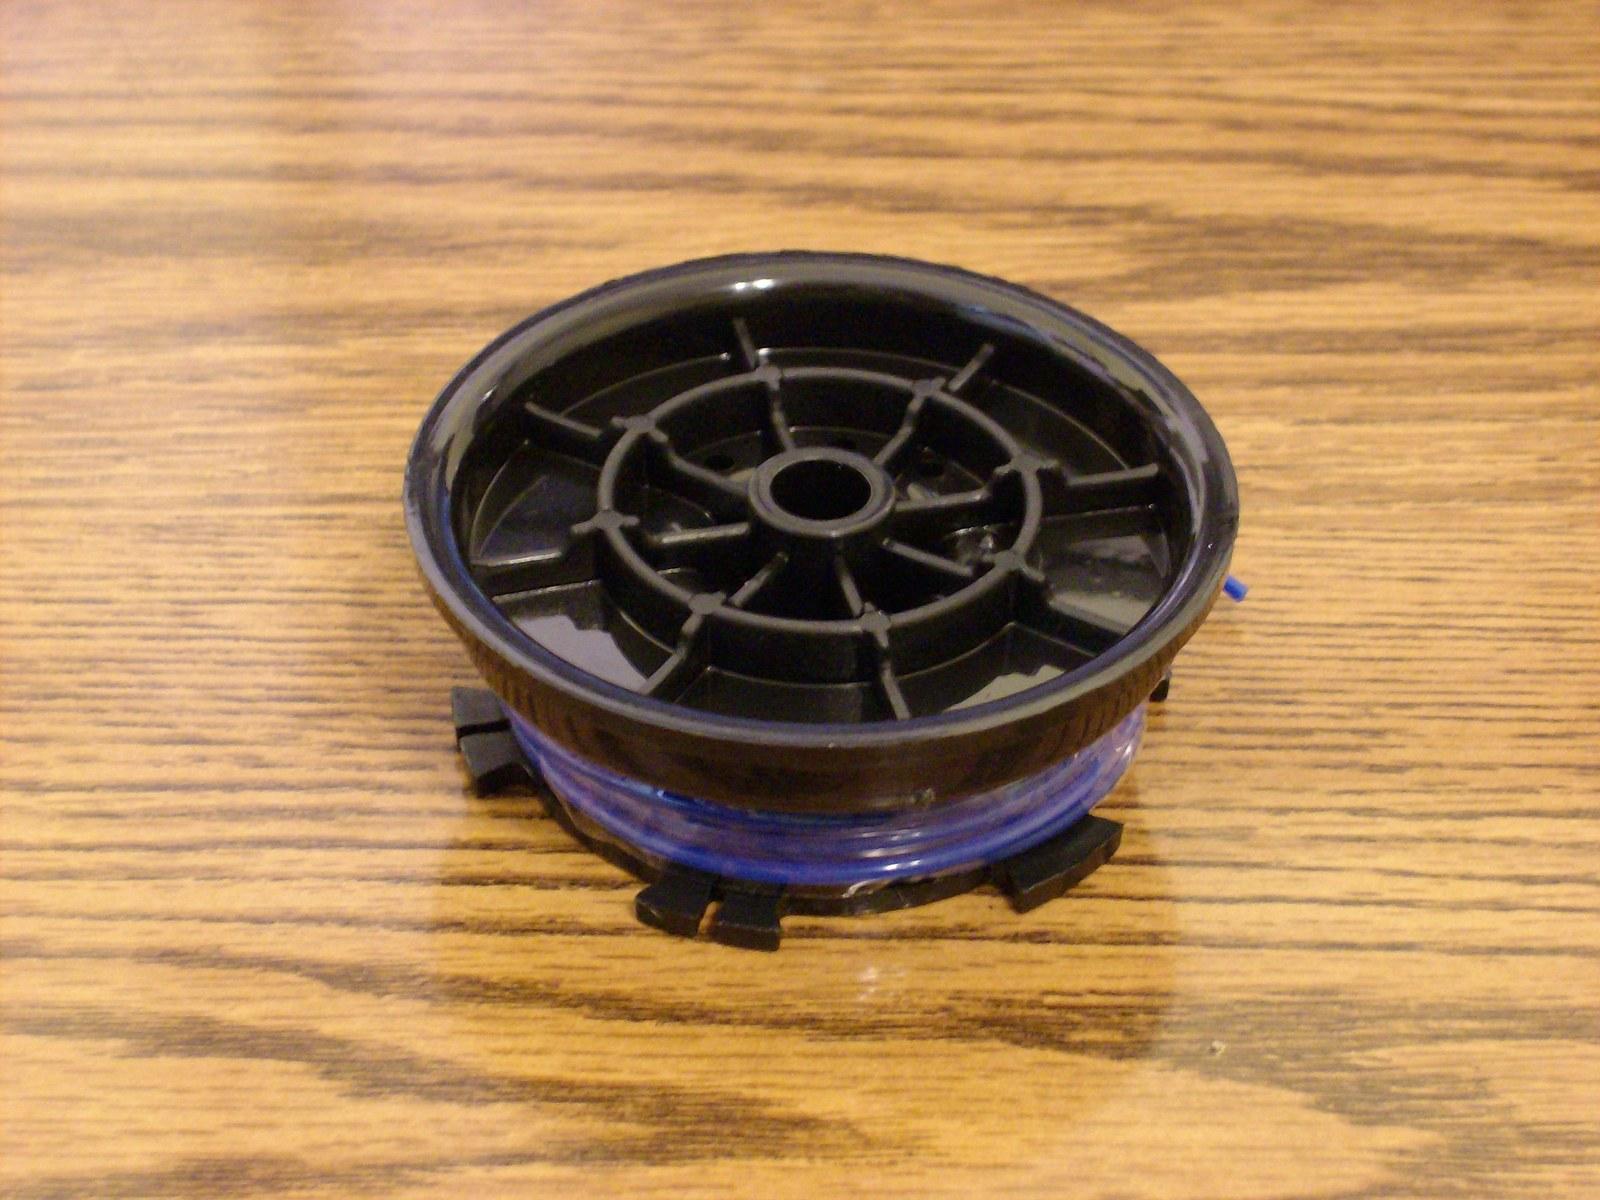 Spool fits Homelite T155, ST165, ST175, ST285, 308044002, DA98912A, DA98912B